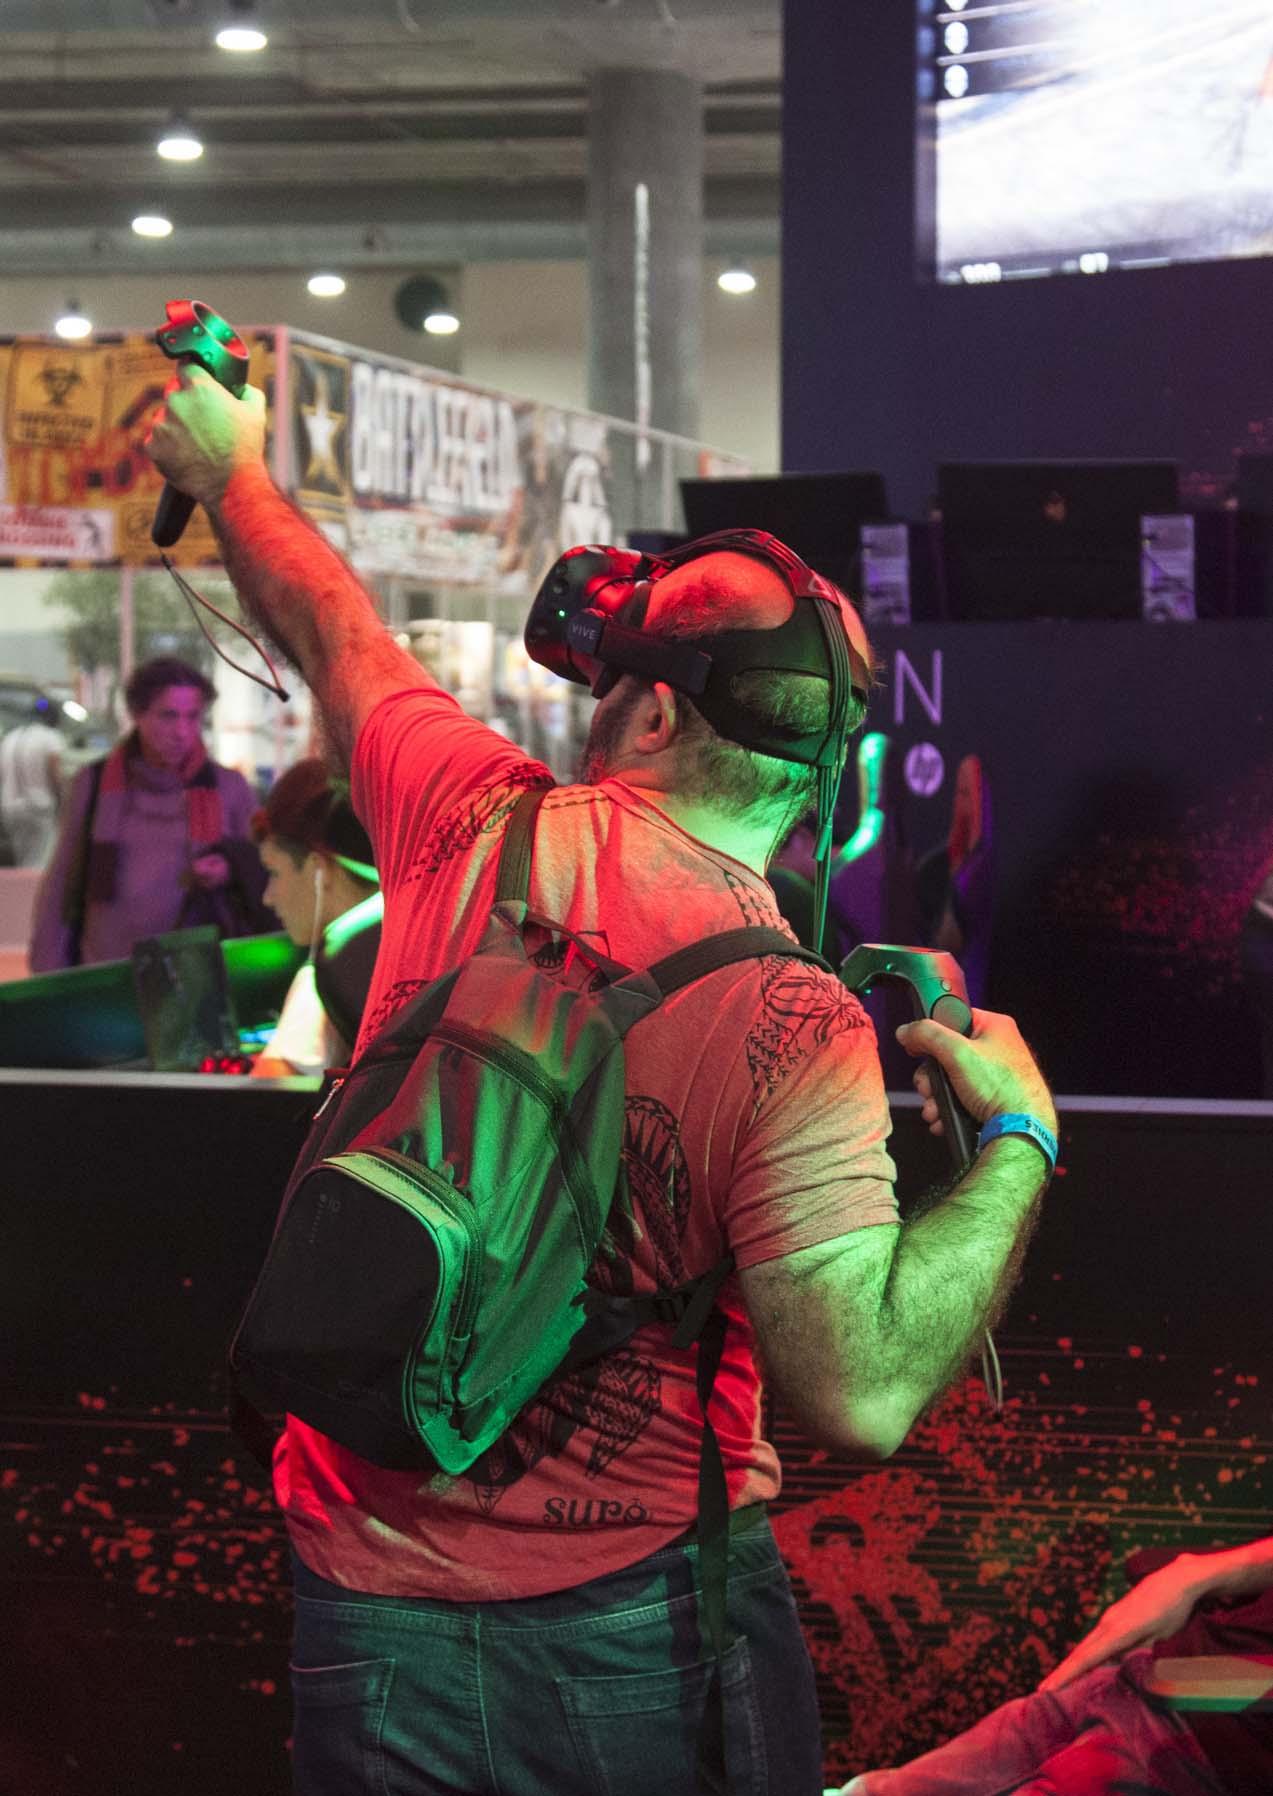 Las gafas Vive de HTC son posiblemente la mejor tecnología VR del momento. En la foto, un jugador usando el arco como arma. Como se puede ver, la pose es totalmente creíble, resultados de una notable recreación virtual de la experiencia real. Eso sí, se necesitan equipos de muy alto rendimiento. HP, con su gama OMEN, ofrece este tipo de equipos, al igual que Dell, ASUS, o Lenovo entre otros fabricantes.